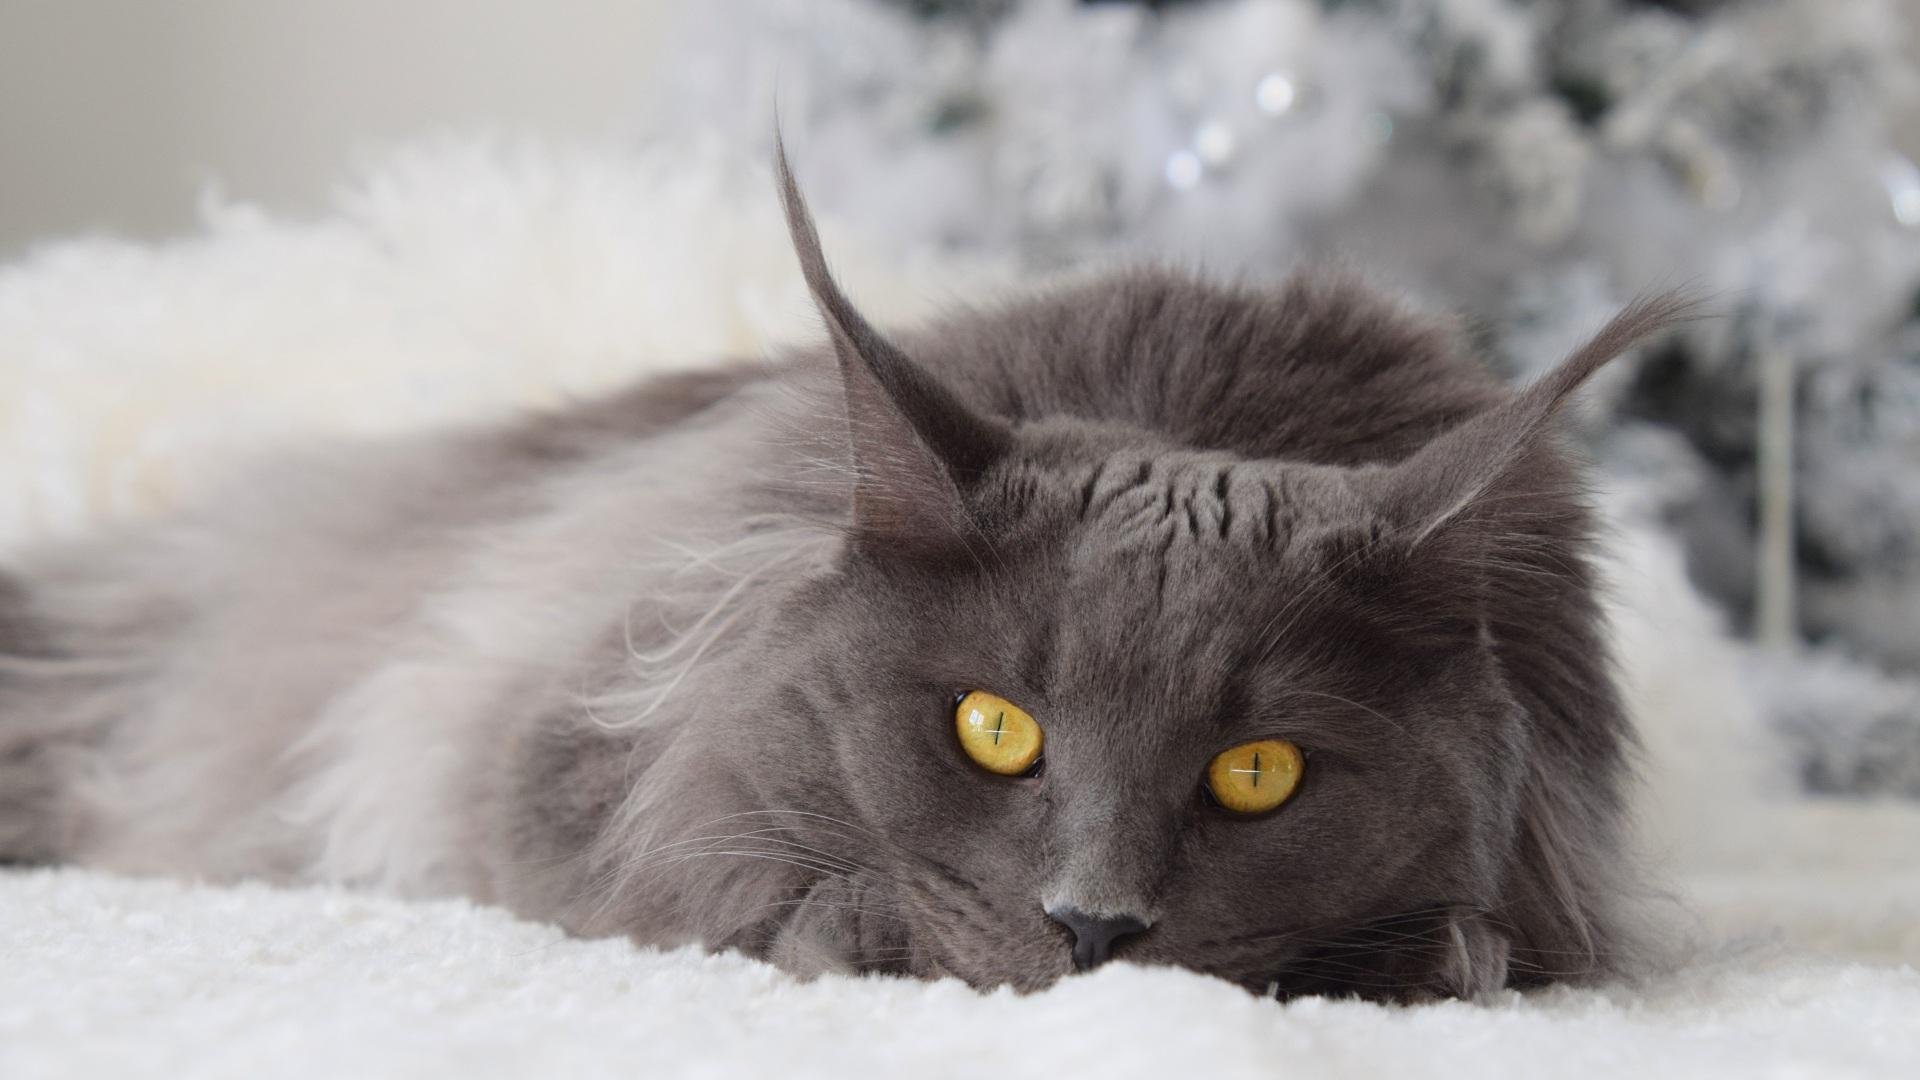 Картинка Кошки Серый смотрит Животные 1920x1080 кот коты кошка серые серая Взгляд смотрят животное